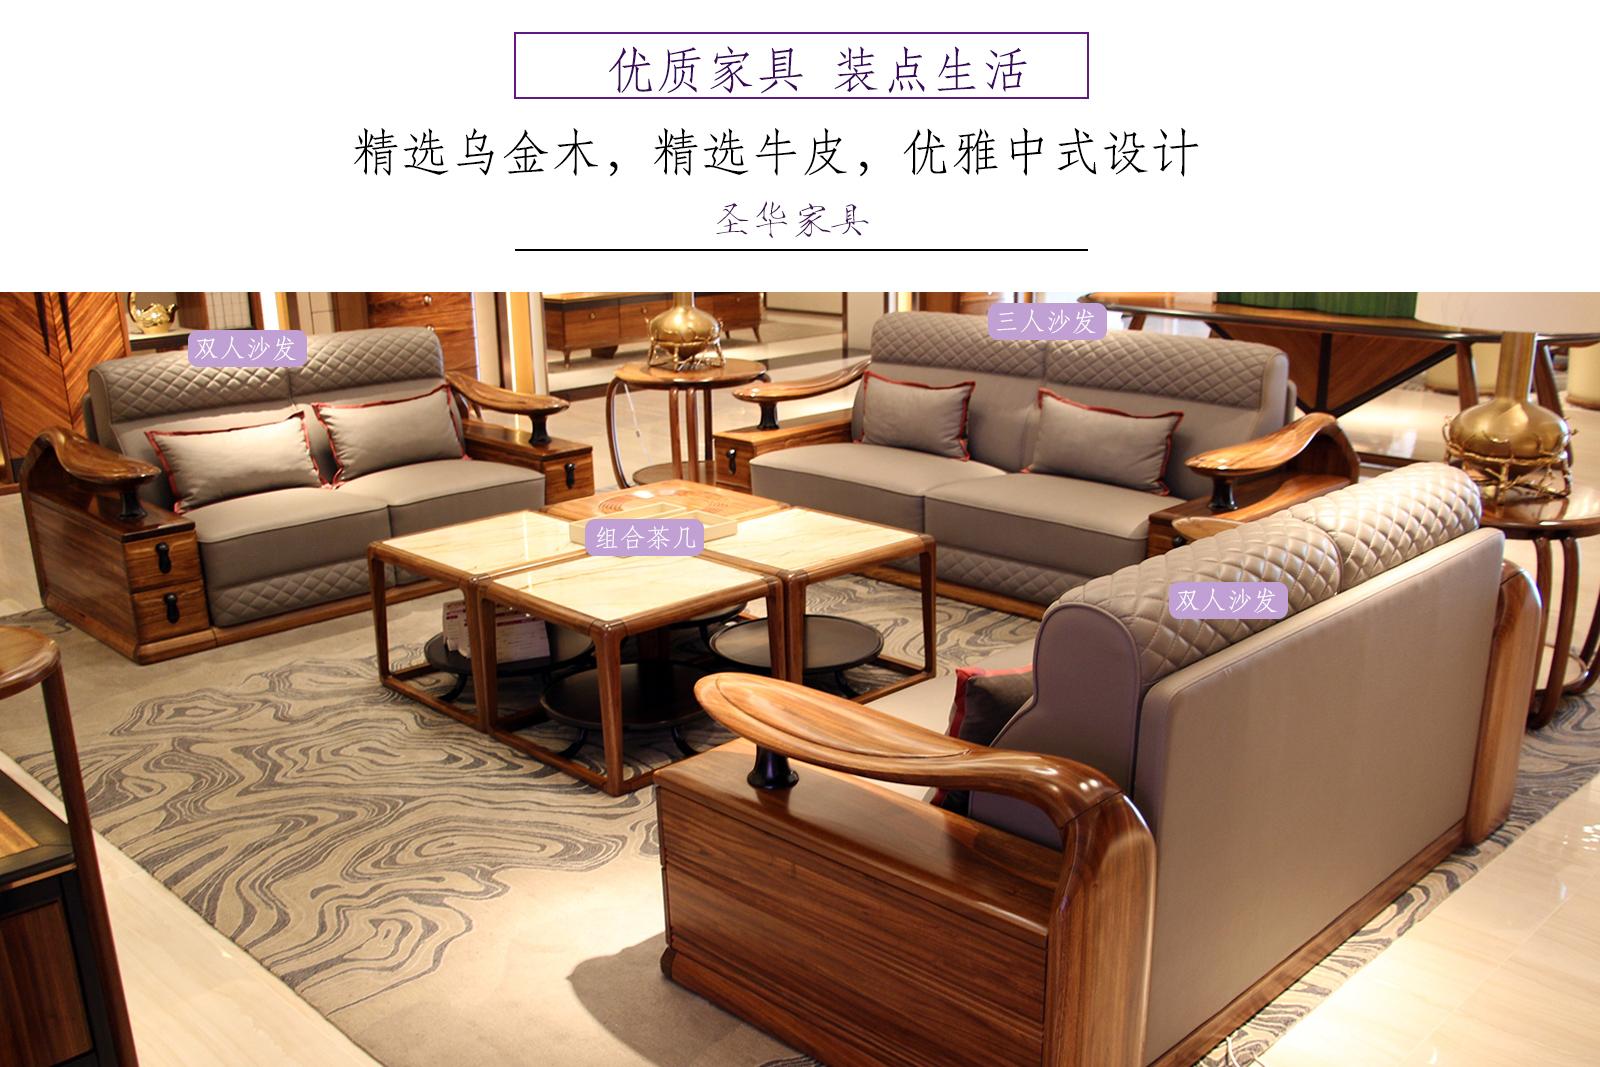 乌金木现代中式沙发给你温馨优雅的生活